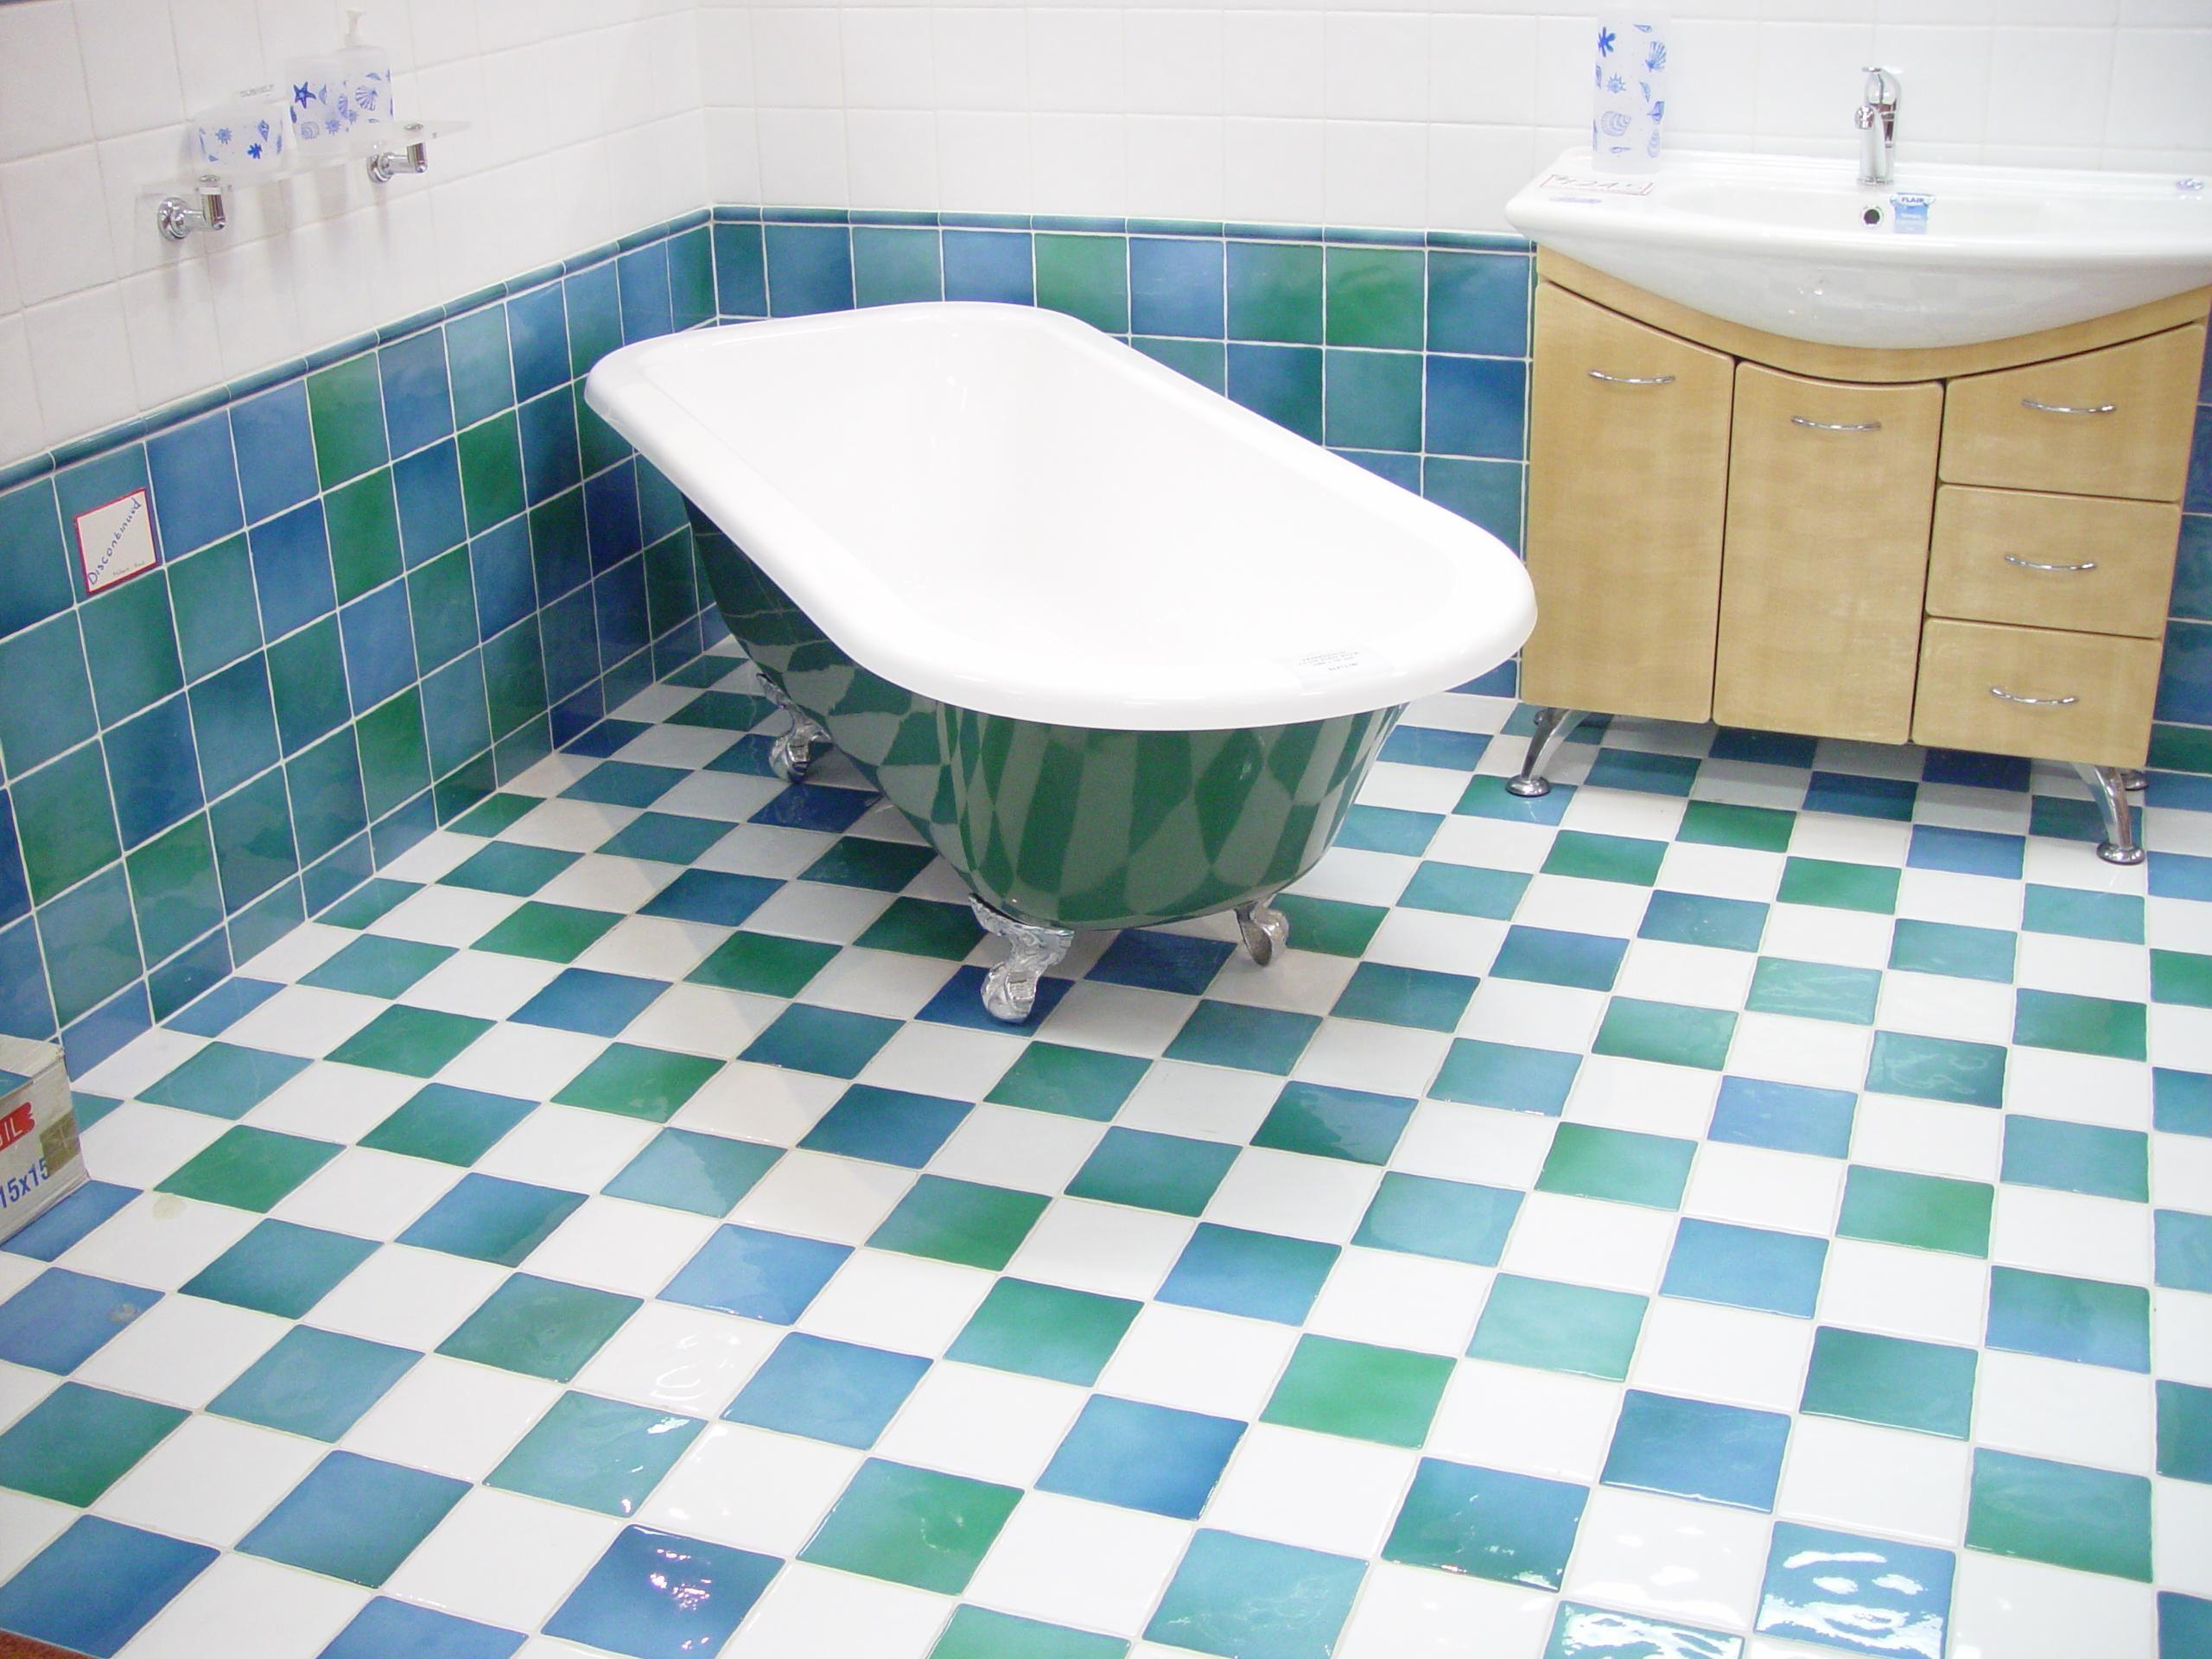 Free picture: bathtub, green, blue, white, tiles, interior